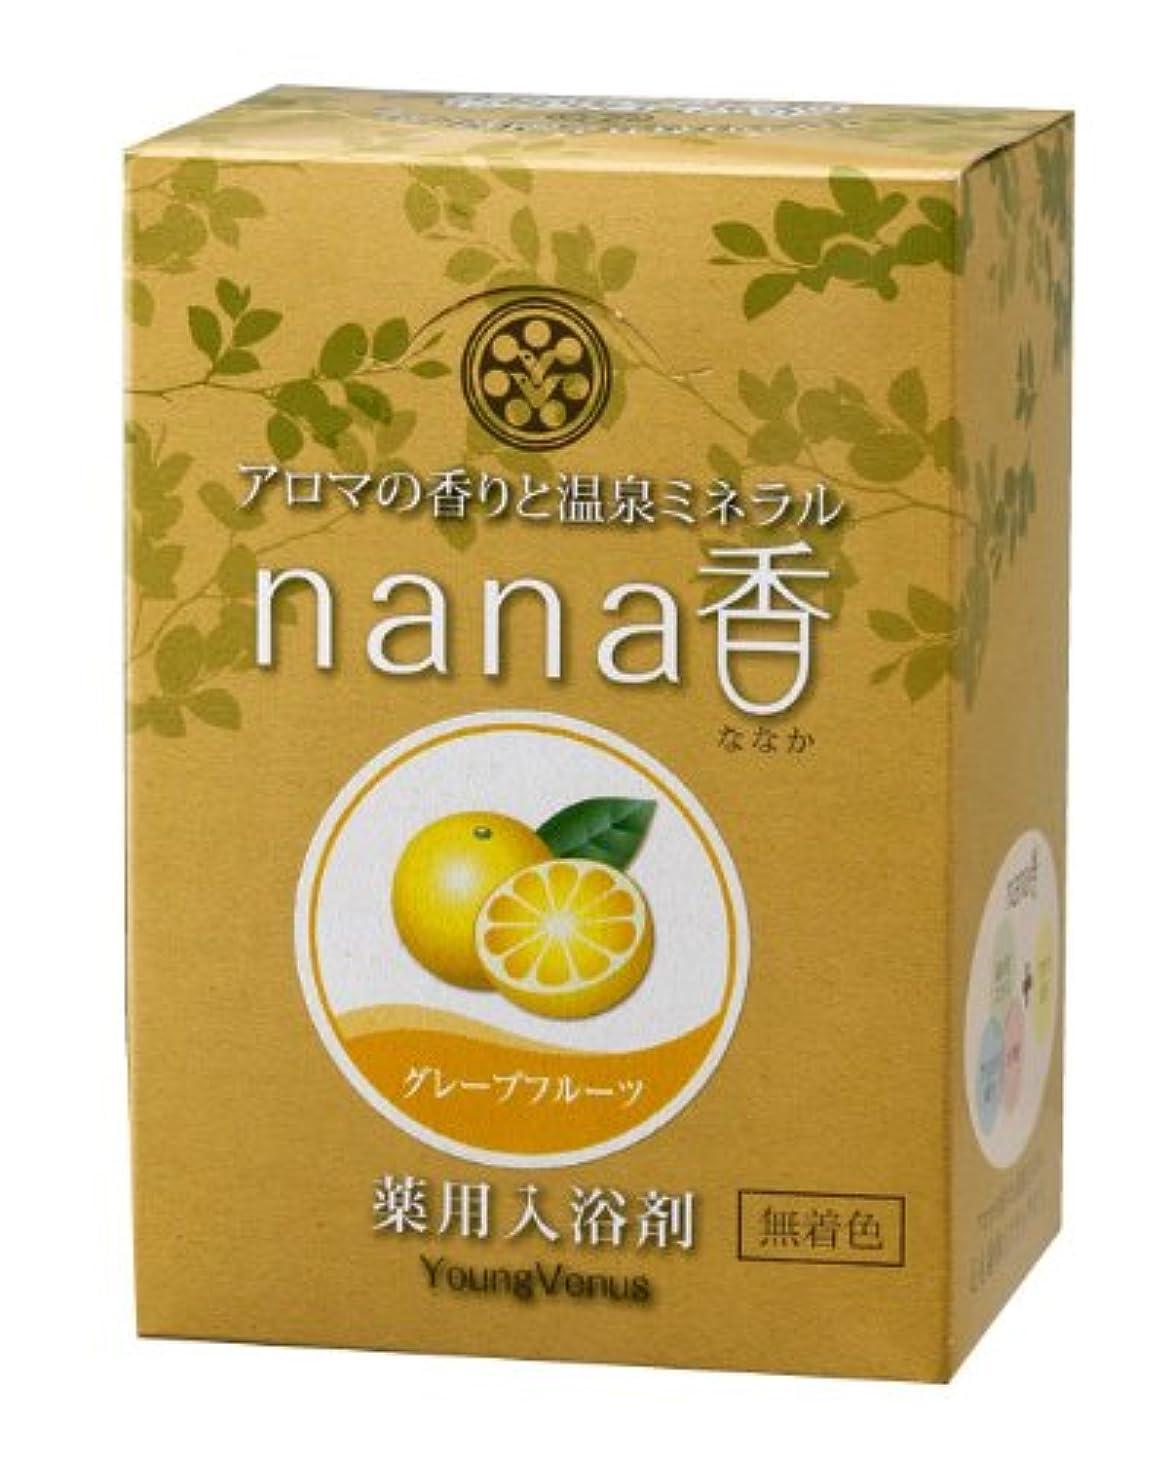 火山学者規則性科学者nana香 03グレープフルーツ 60g5袋入り